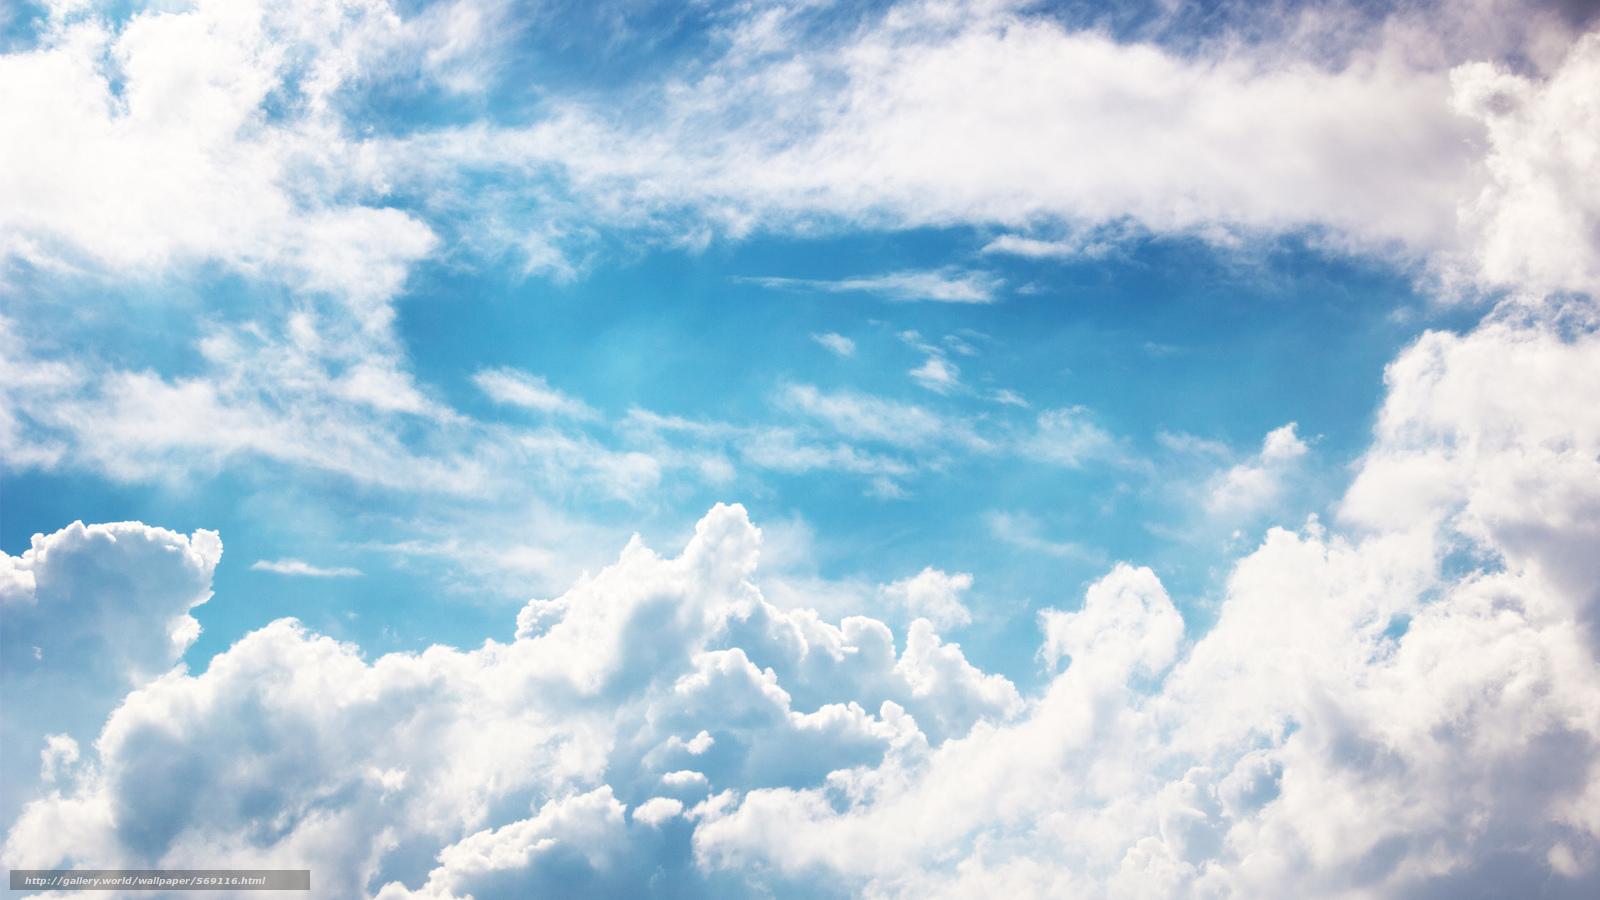 Tlcharger Fond Decran Blanc Ciel Nuages Bleu Fonds D